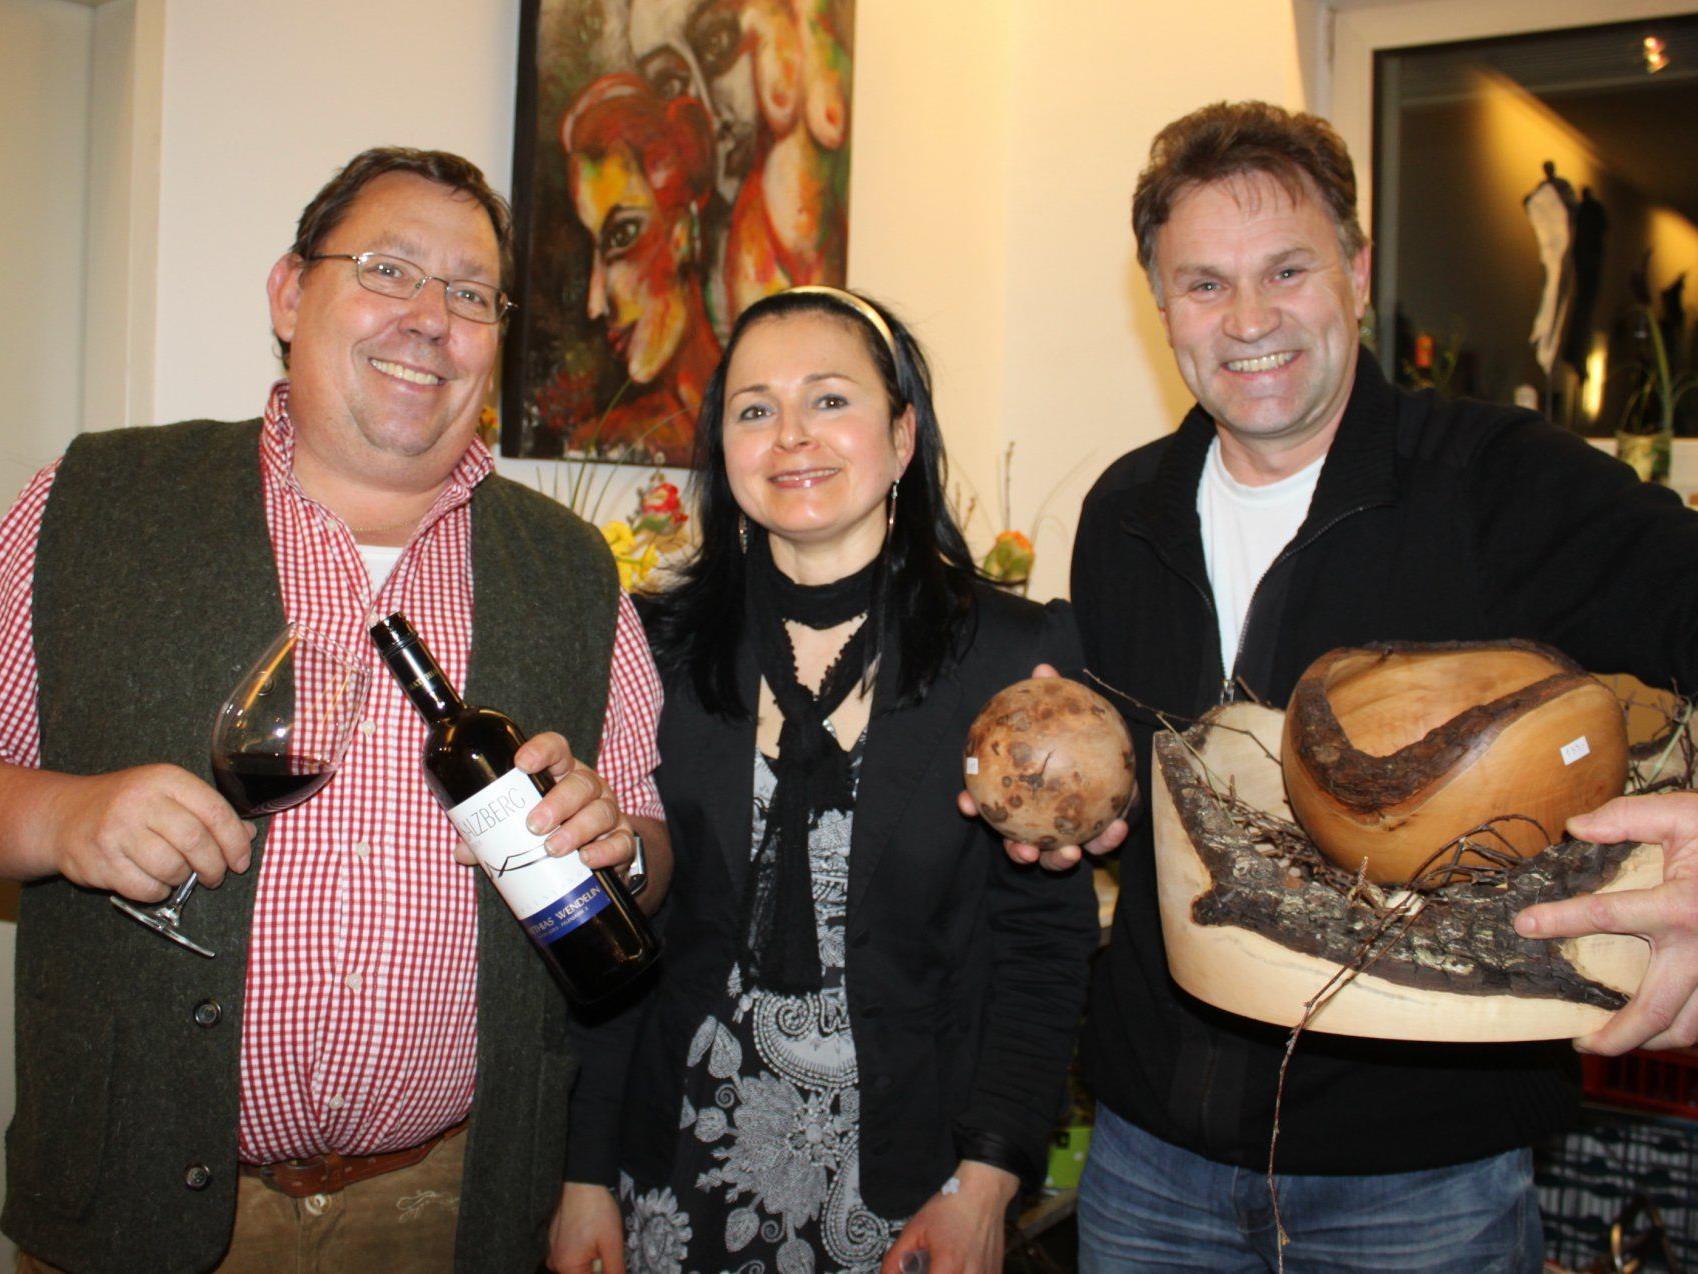 Helmut Winkler (Weindegustation), Veronika Matt (Floristische Blumendekorationen) und Erich Sohler (Holzdekorationen).